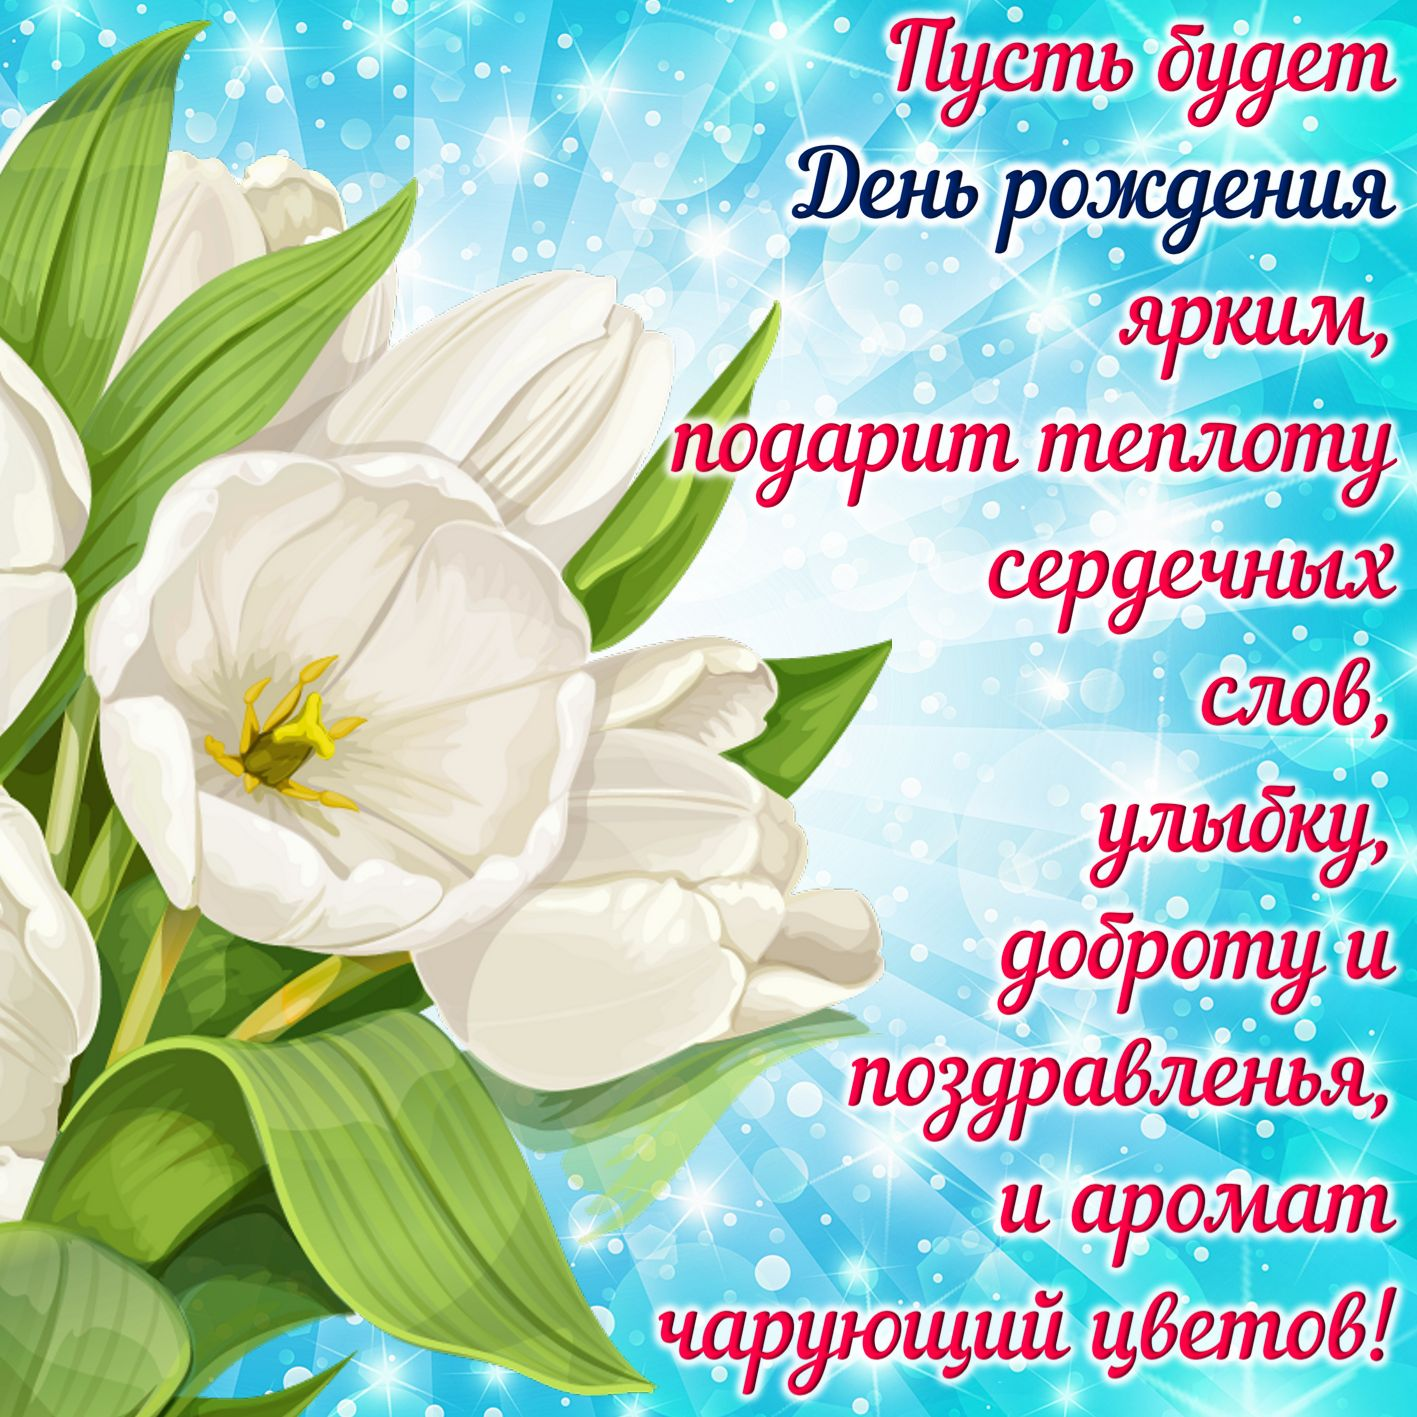 Поздравления с днем рождения от души не стихи